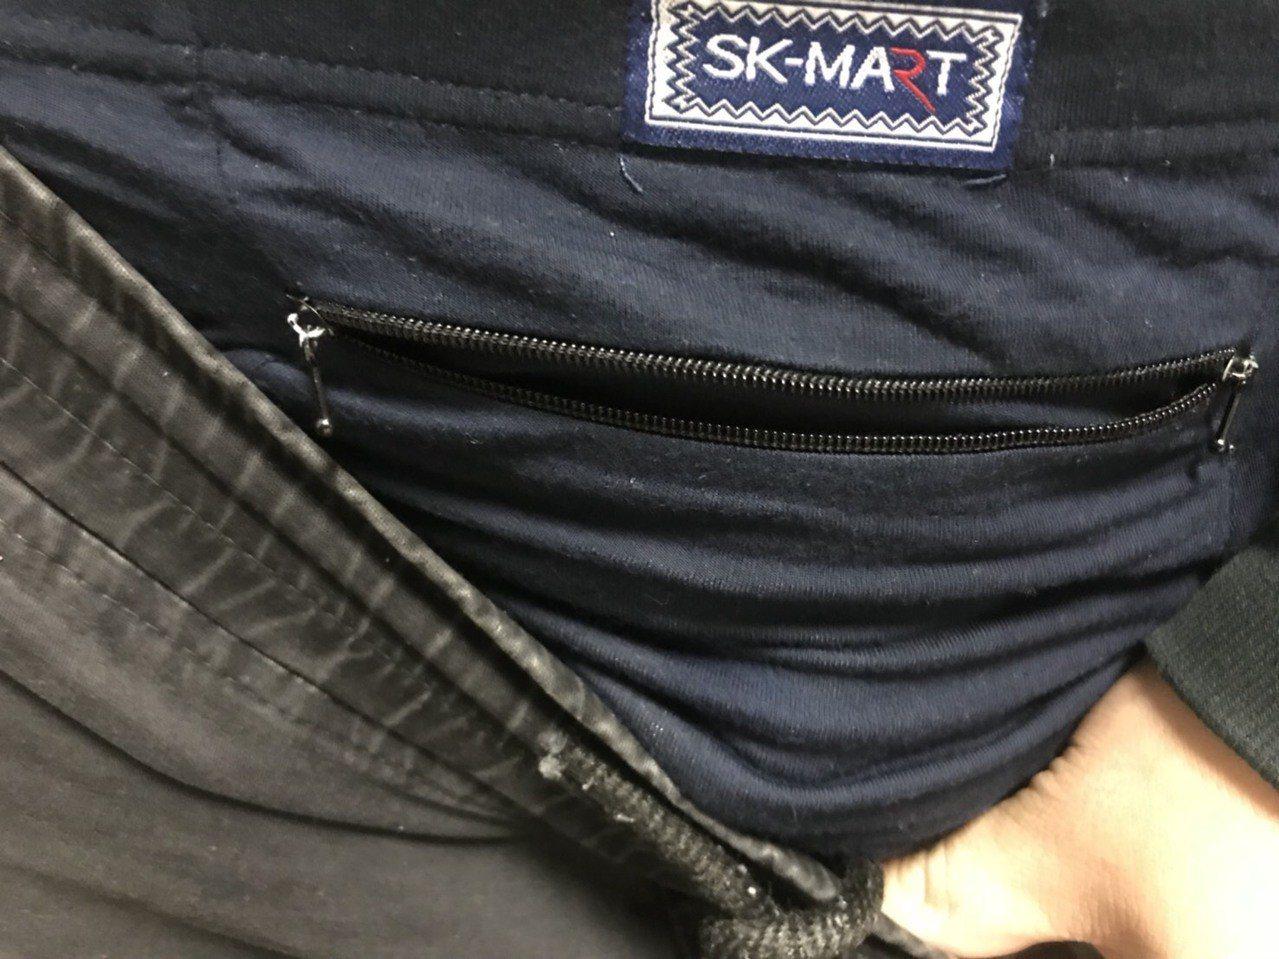 張嫌異想天開以為交出殘渣袋就沒事,沒想到還是被找到藏於褲子夾層內的毒品。圖/基隆...